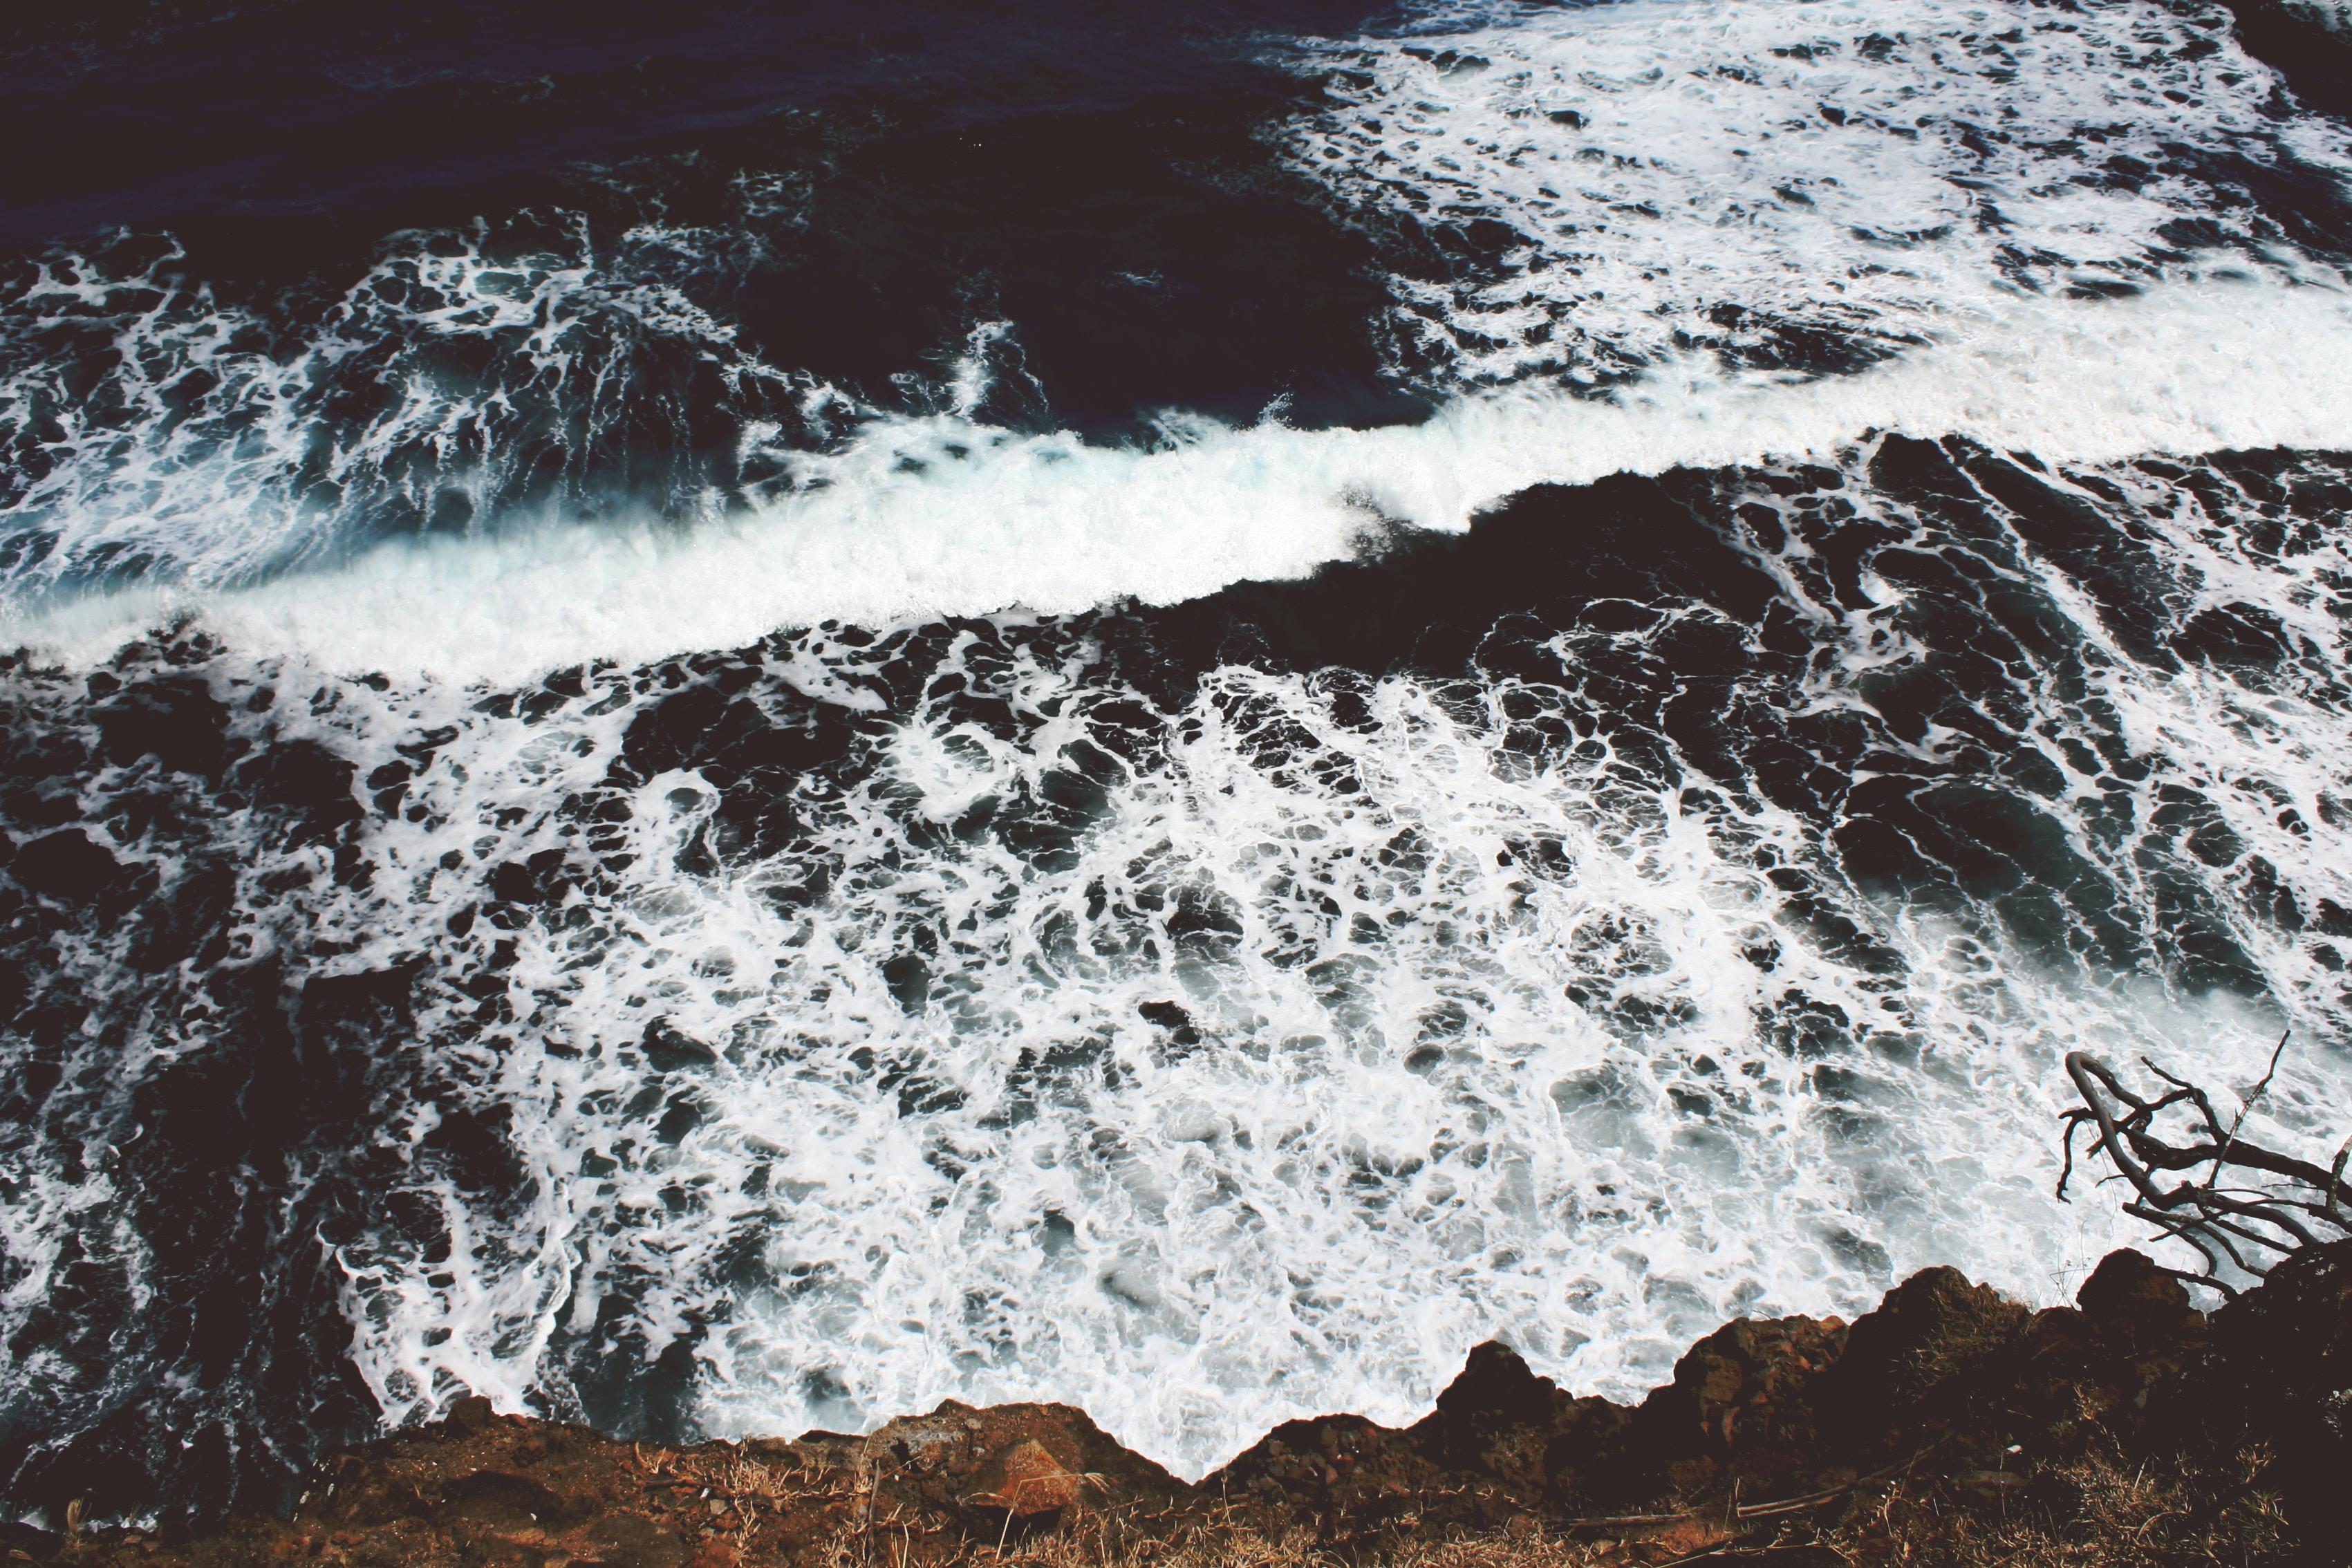 seawave at daytime